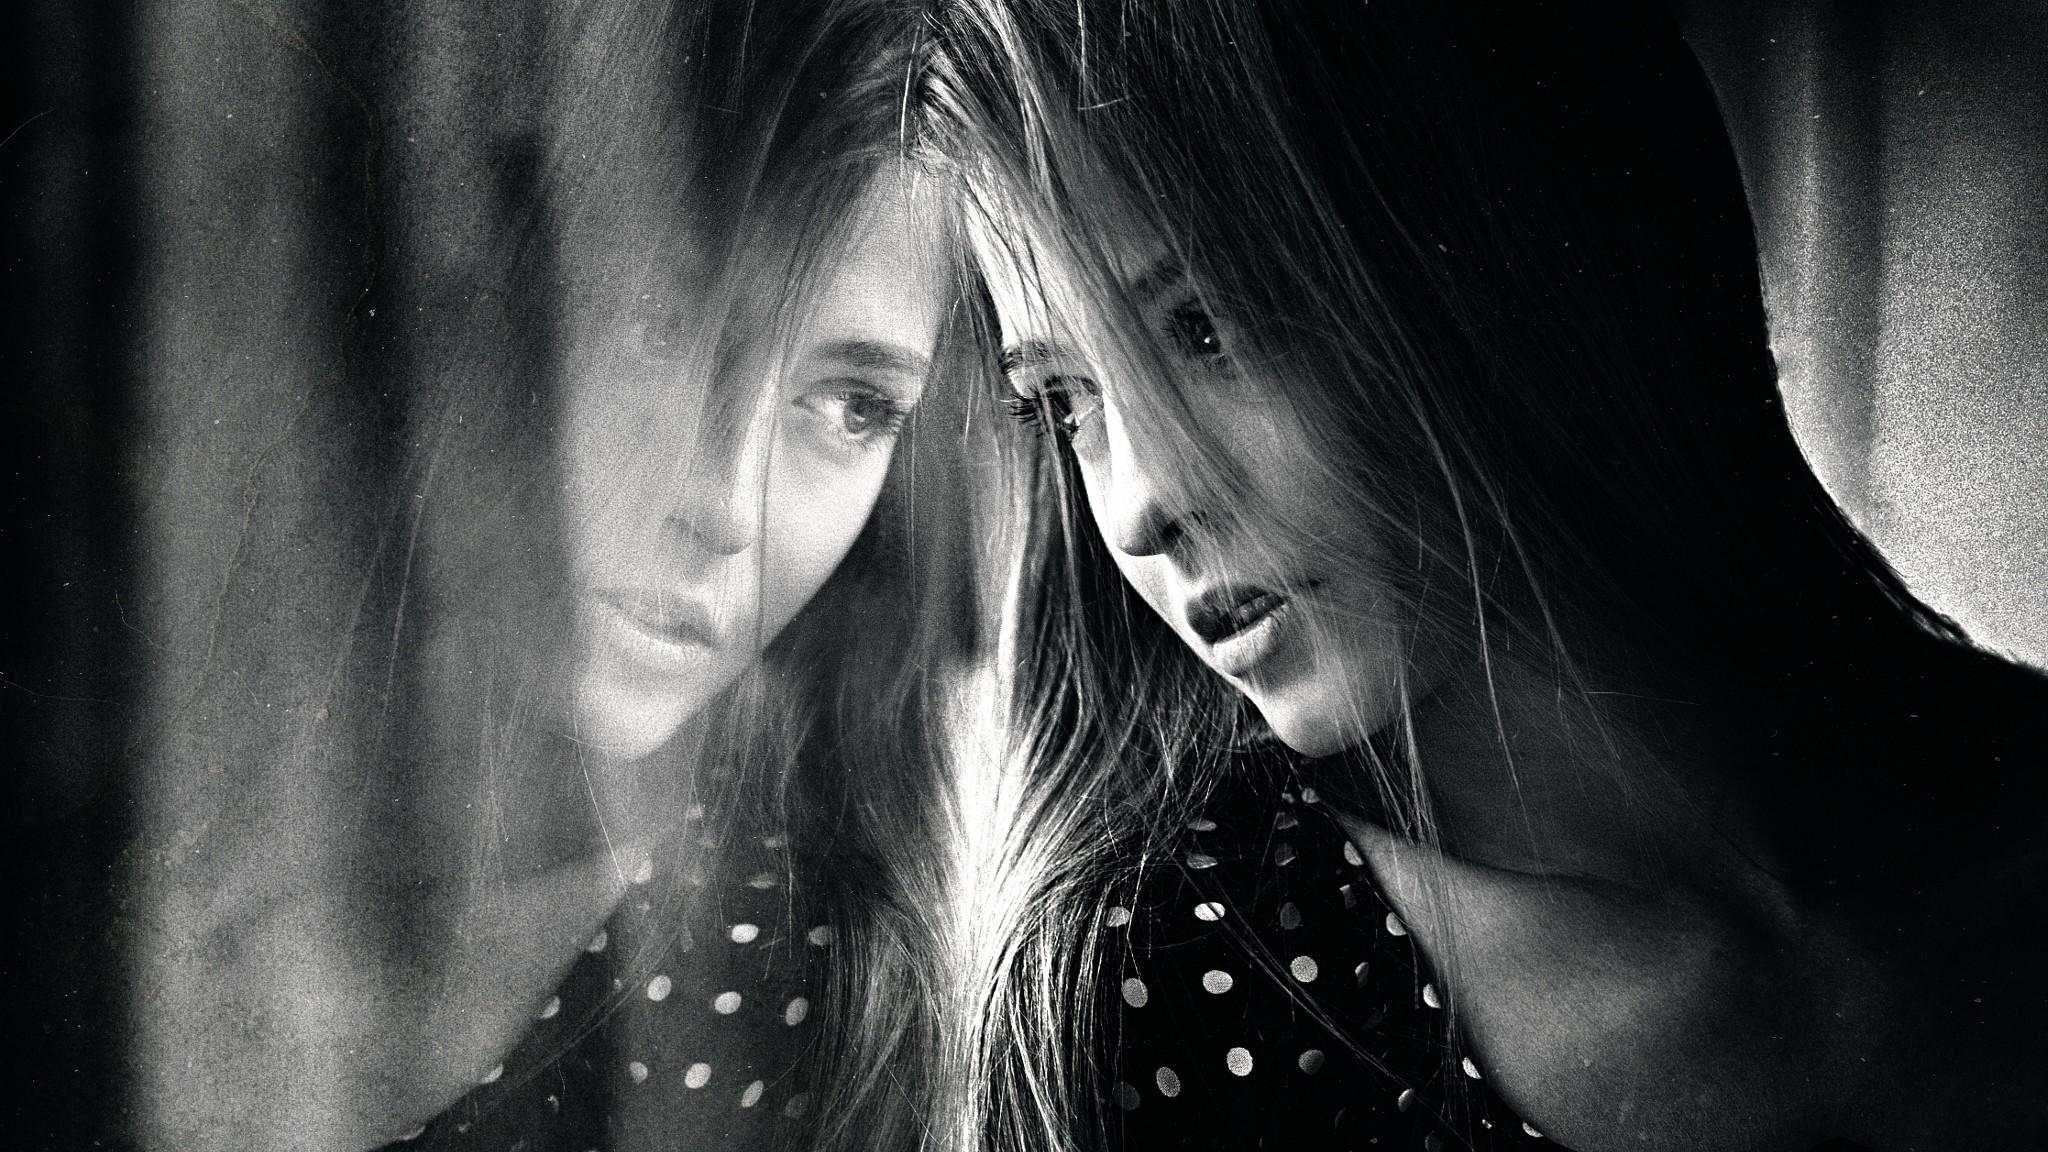 Fond Décran Femmes Monochrome Maquette Portrait